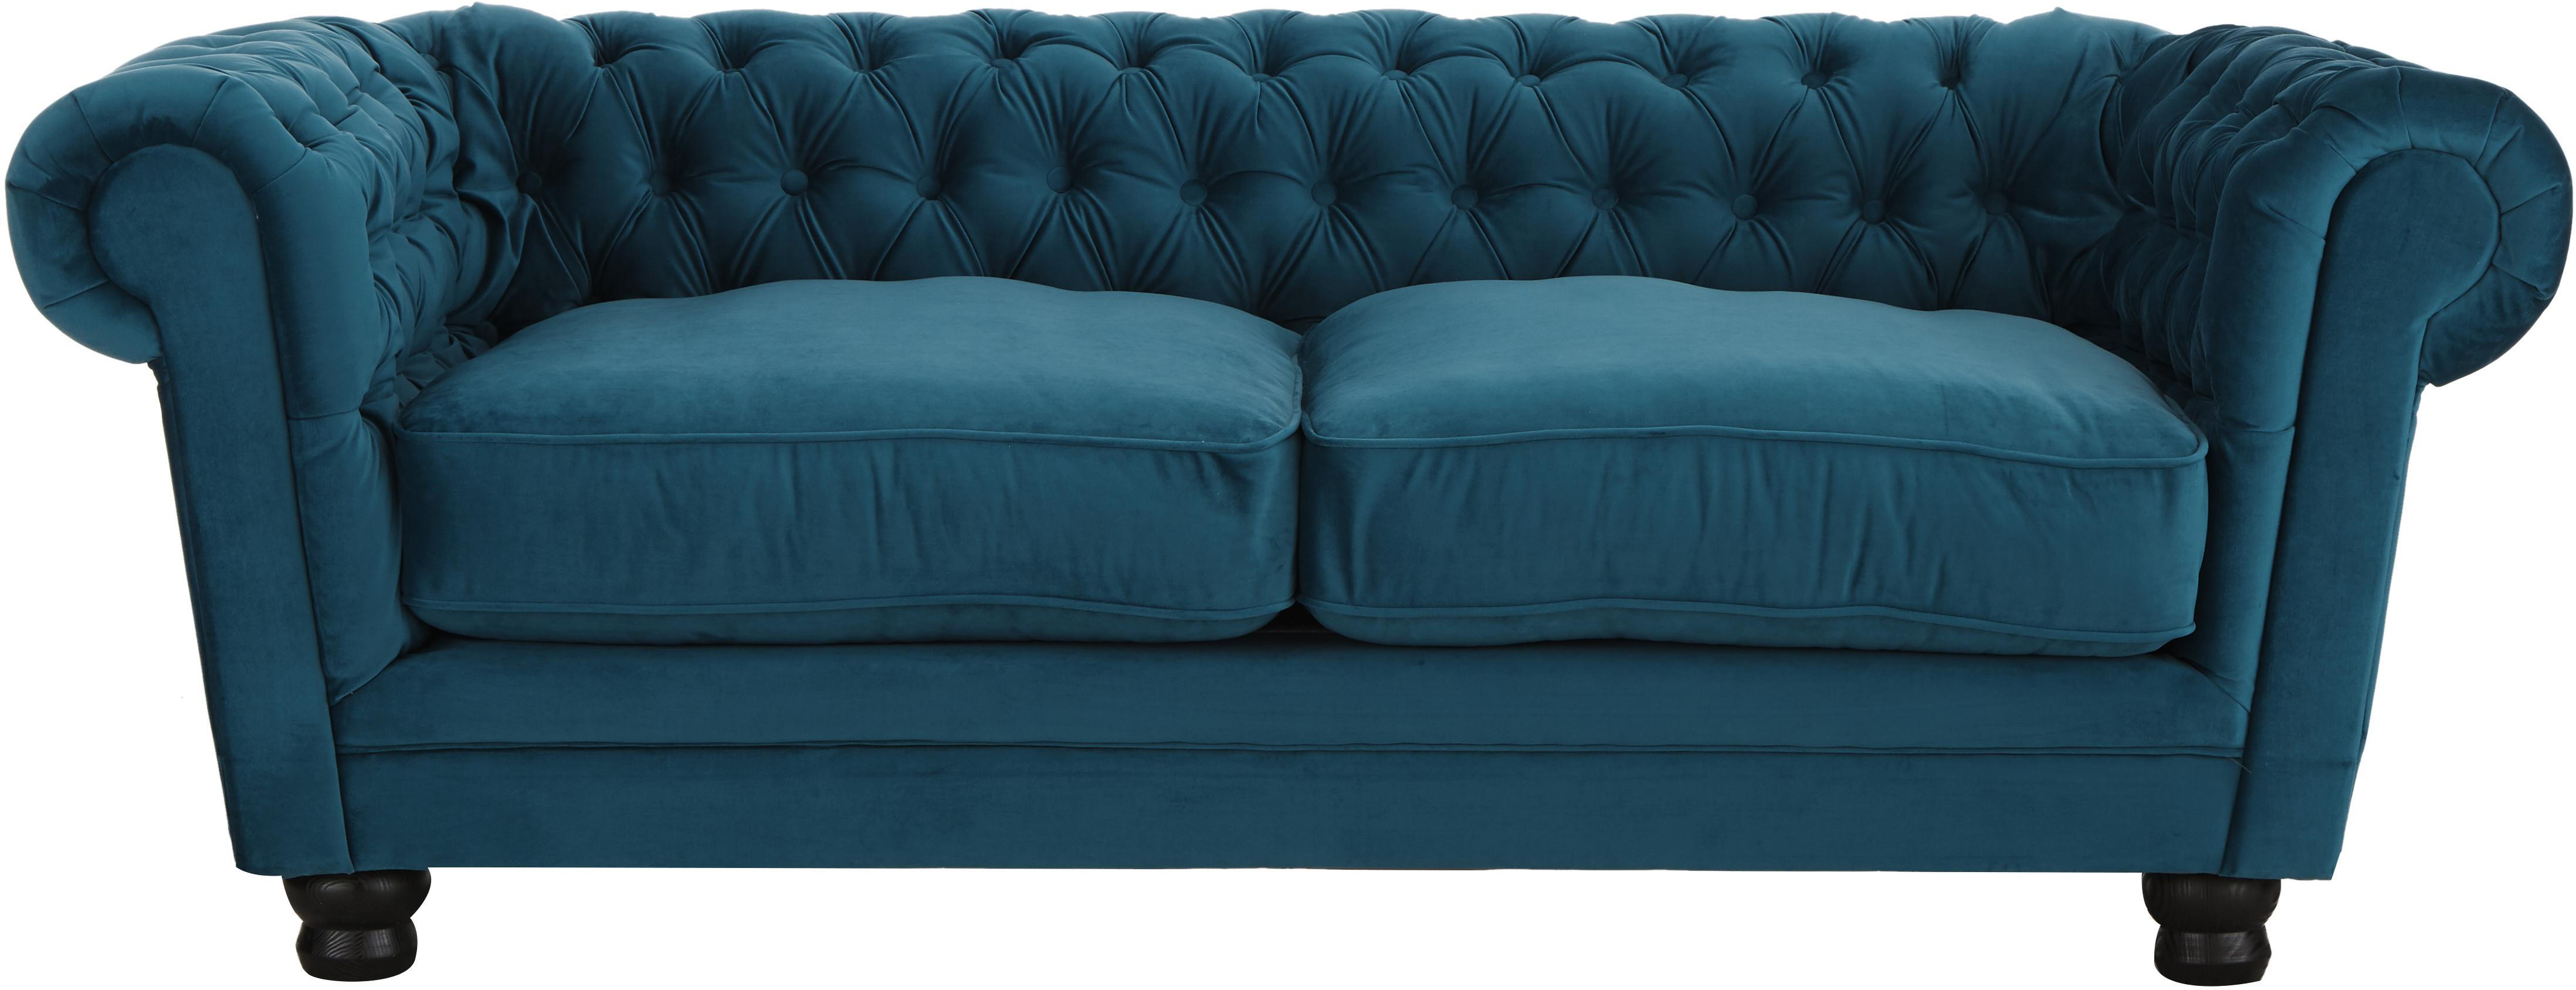 Fluwelen chesterfield bank Sally (2-zits), Bekleding: 100% polyester, Poten: massief hout, gelakt beuk, Frame: houten basisframe, Fluweel petrol, 203 x 79 cm